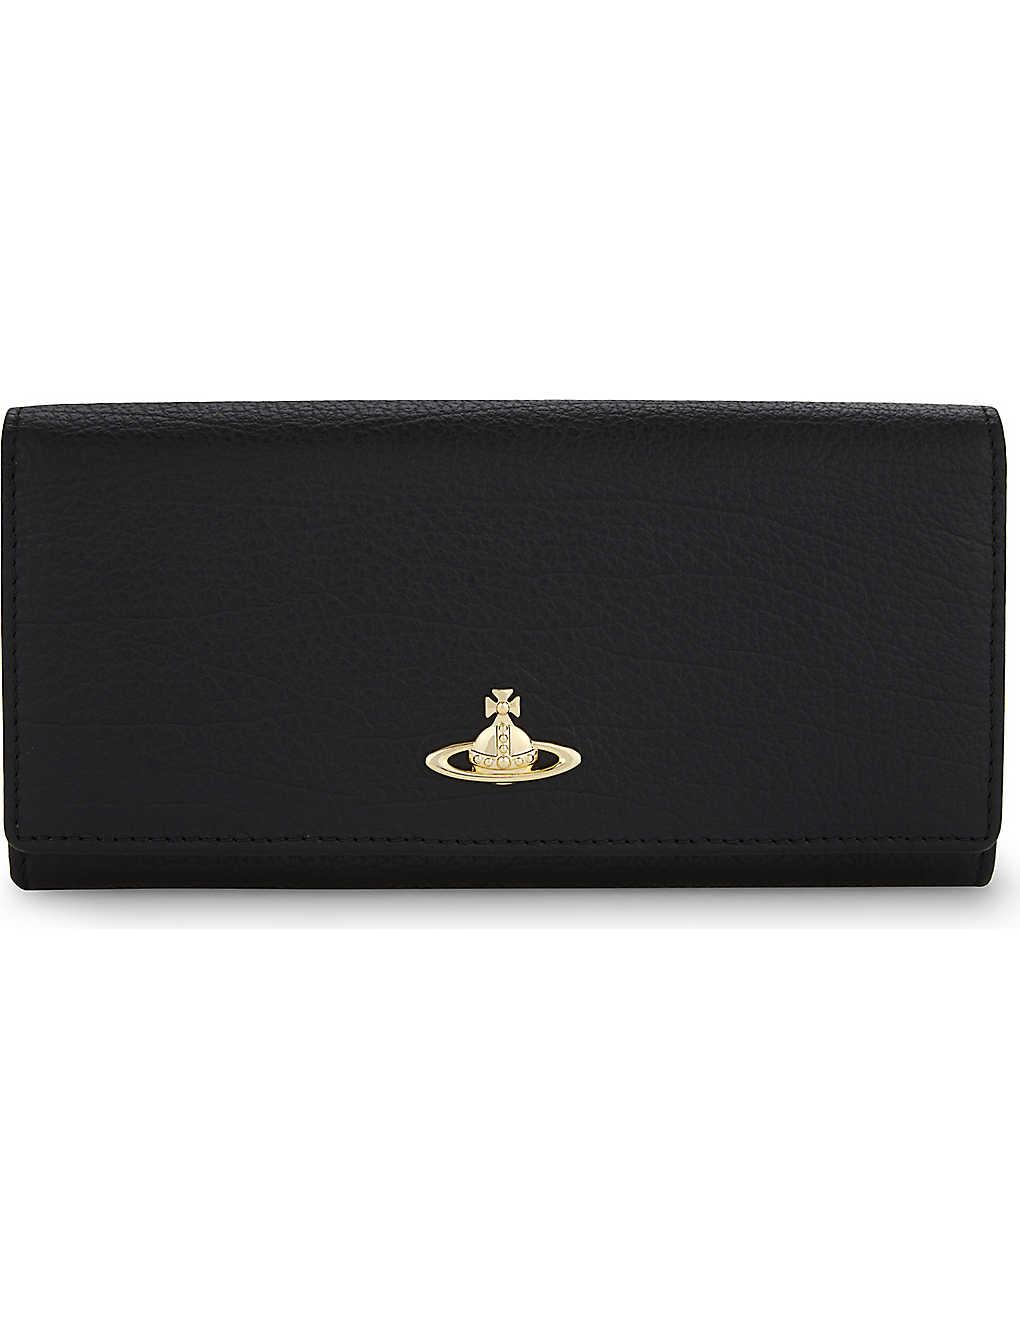 3e96a6b7da VIVIENNE WESTWOOD - Balmoral leather wallet | Selfridges.com